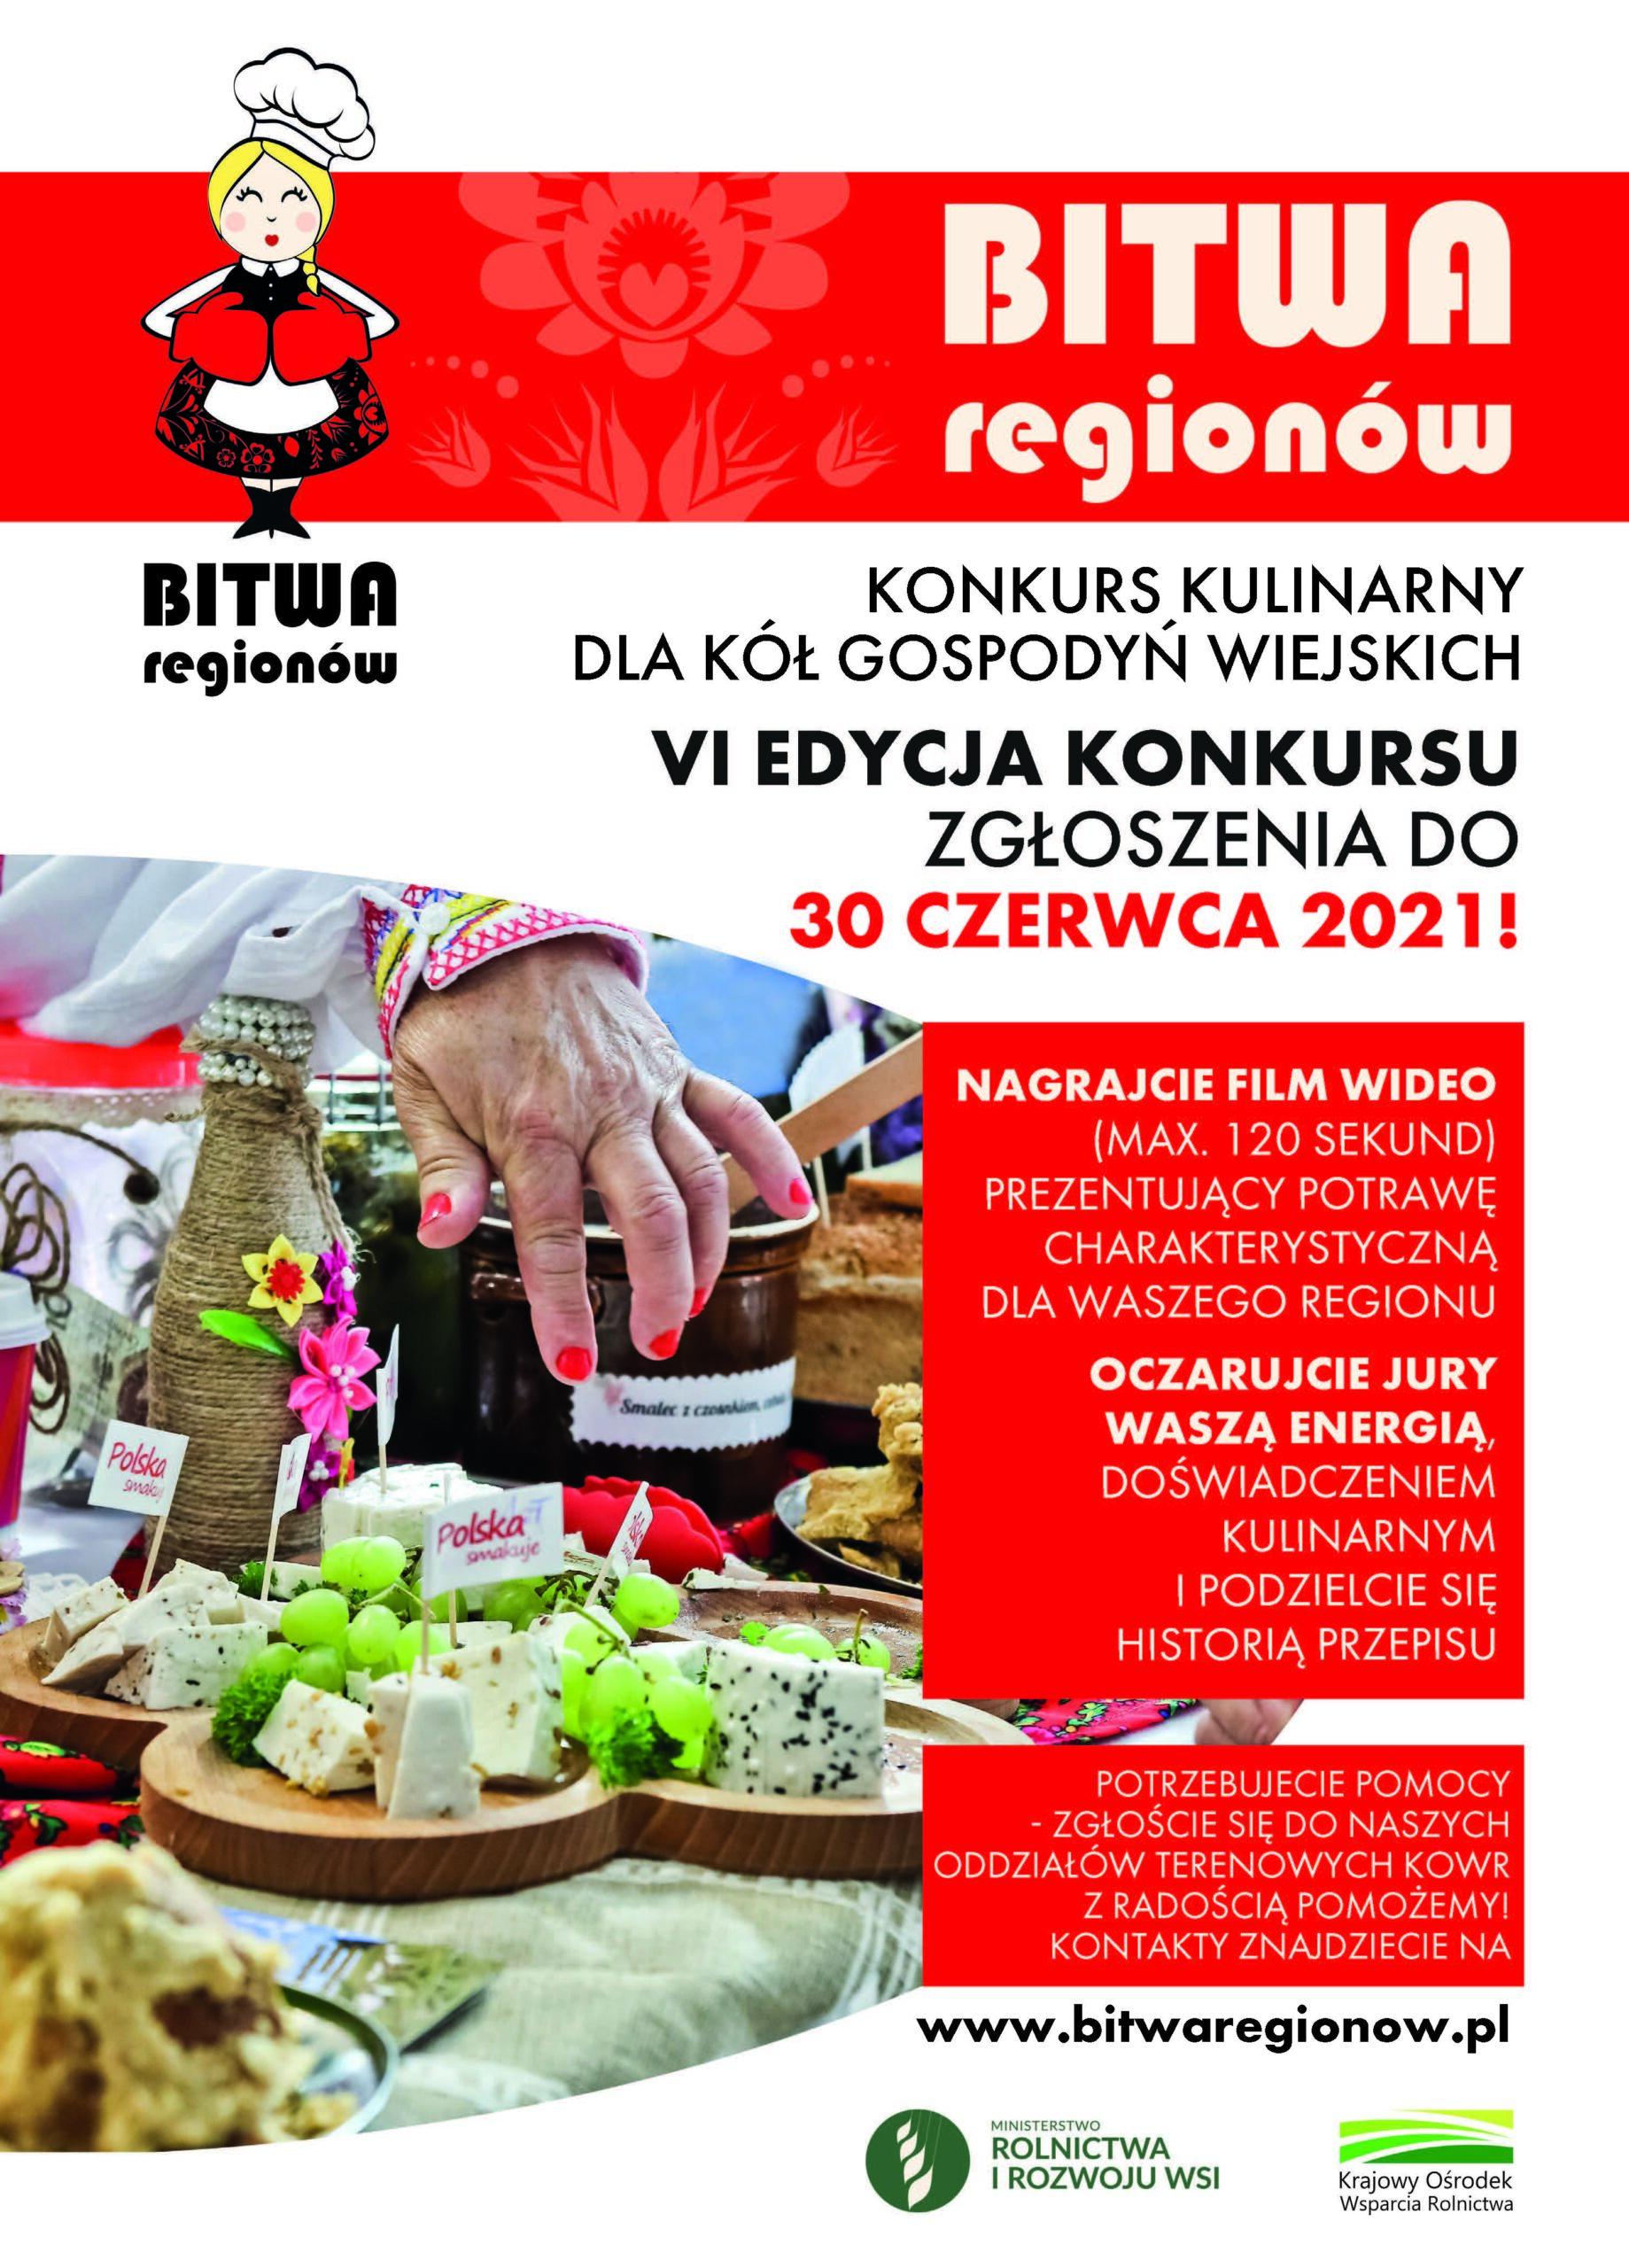 """Konkurs kulinarny ,,Bitwa Regionów"""" 2021 dla Kół Gospodyń Wiejskich"""